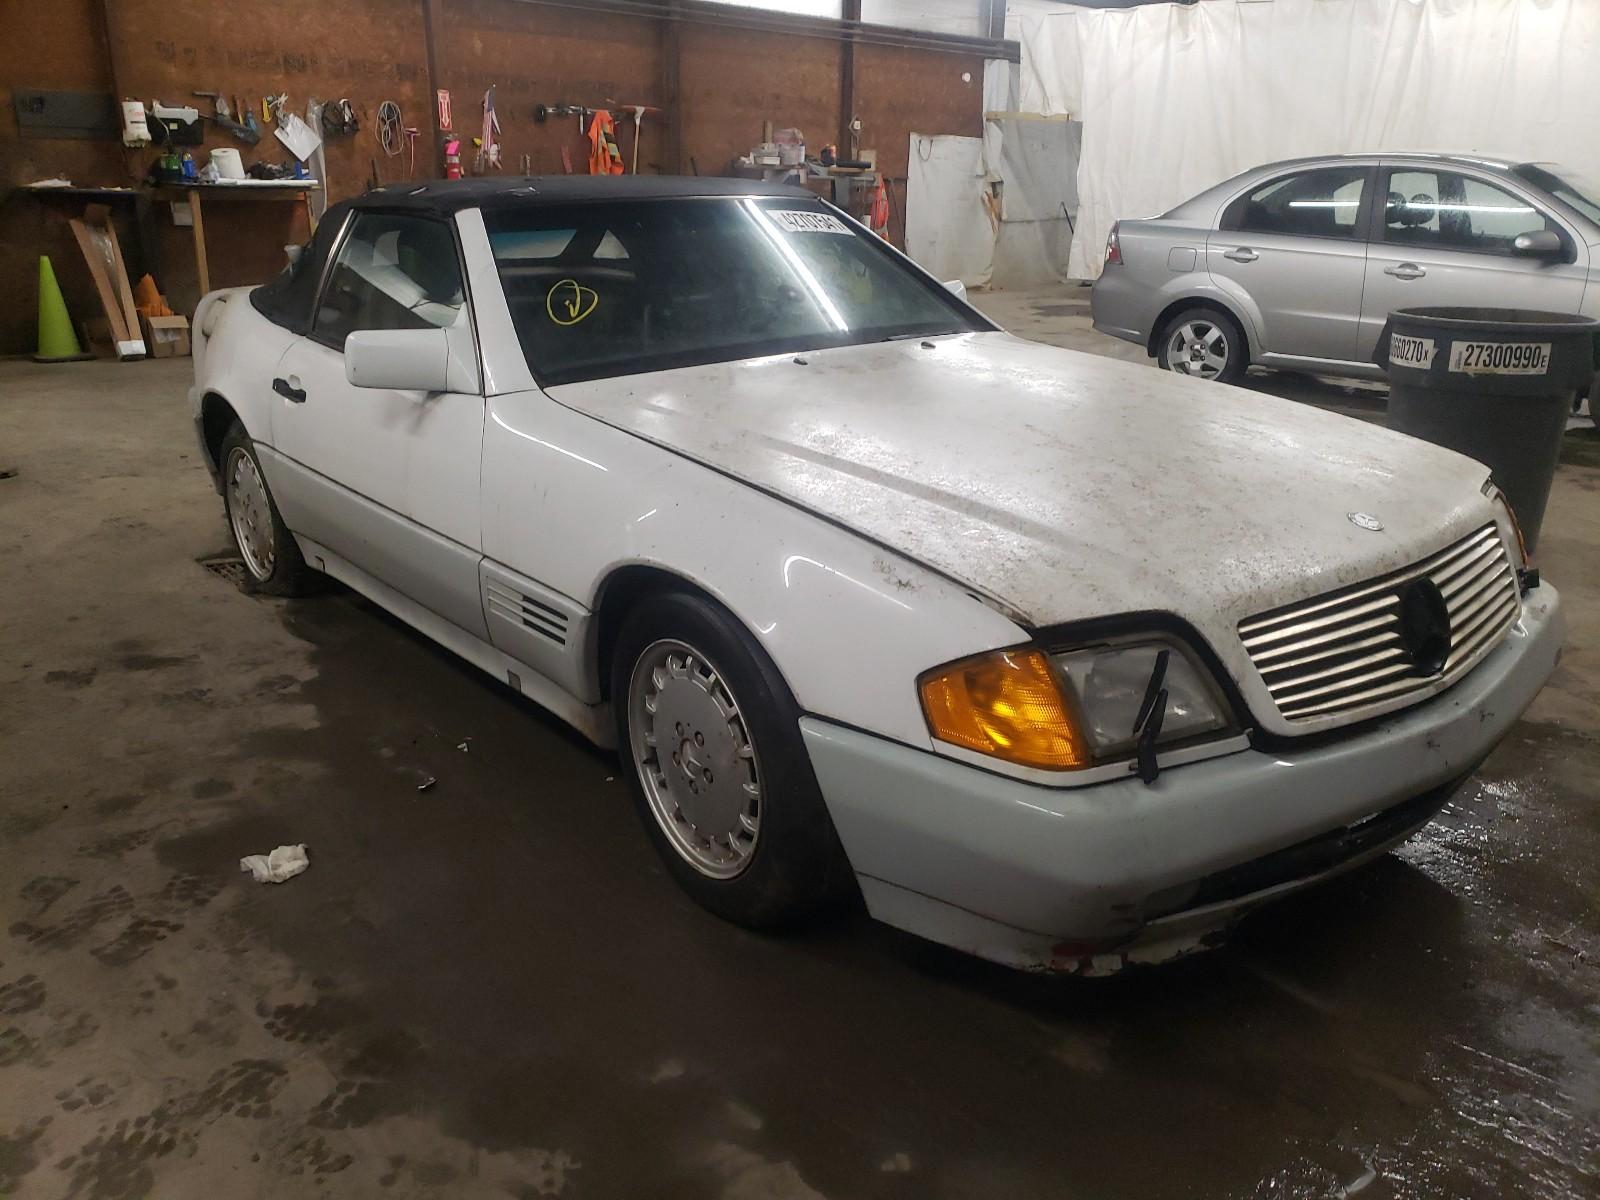 1991 MERCEDES-BENZ 300 SL - WDBFA61E9MF029342